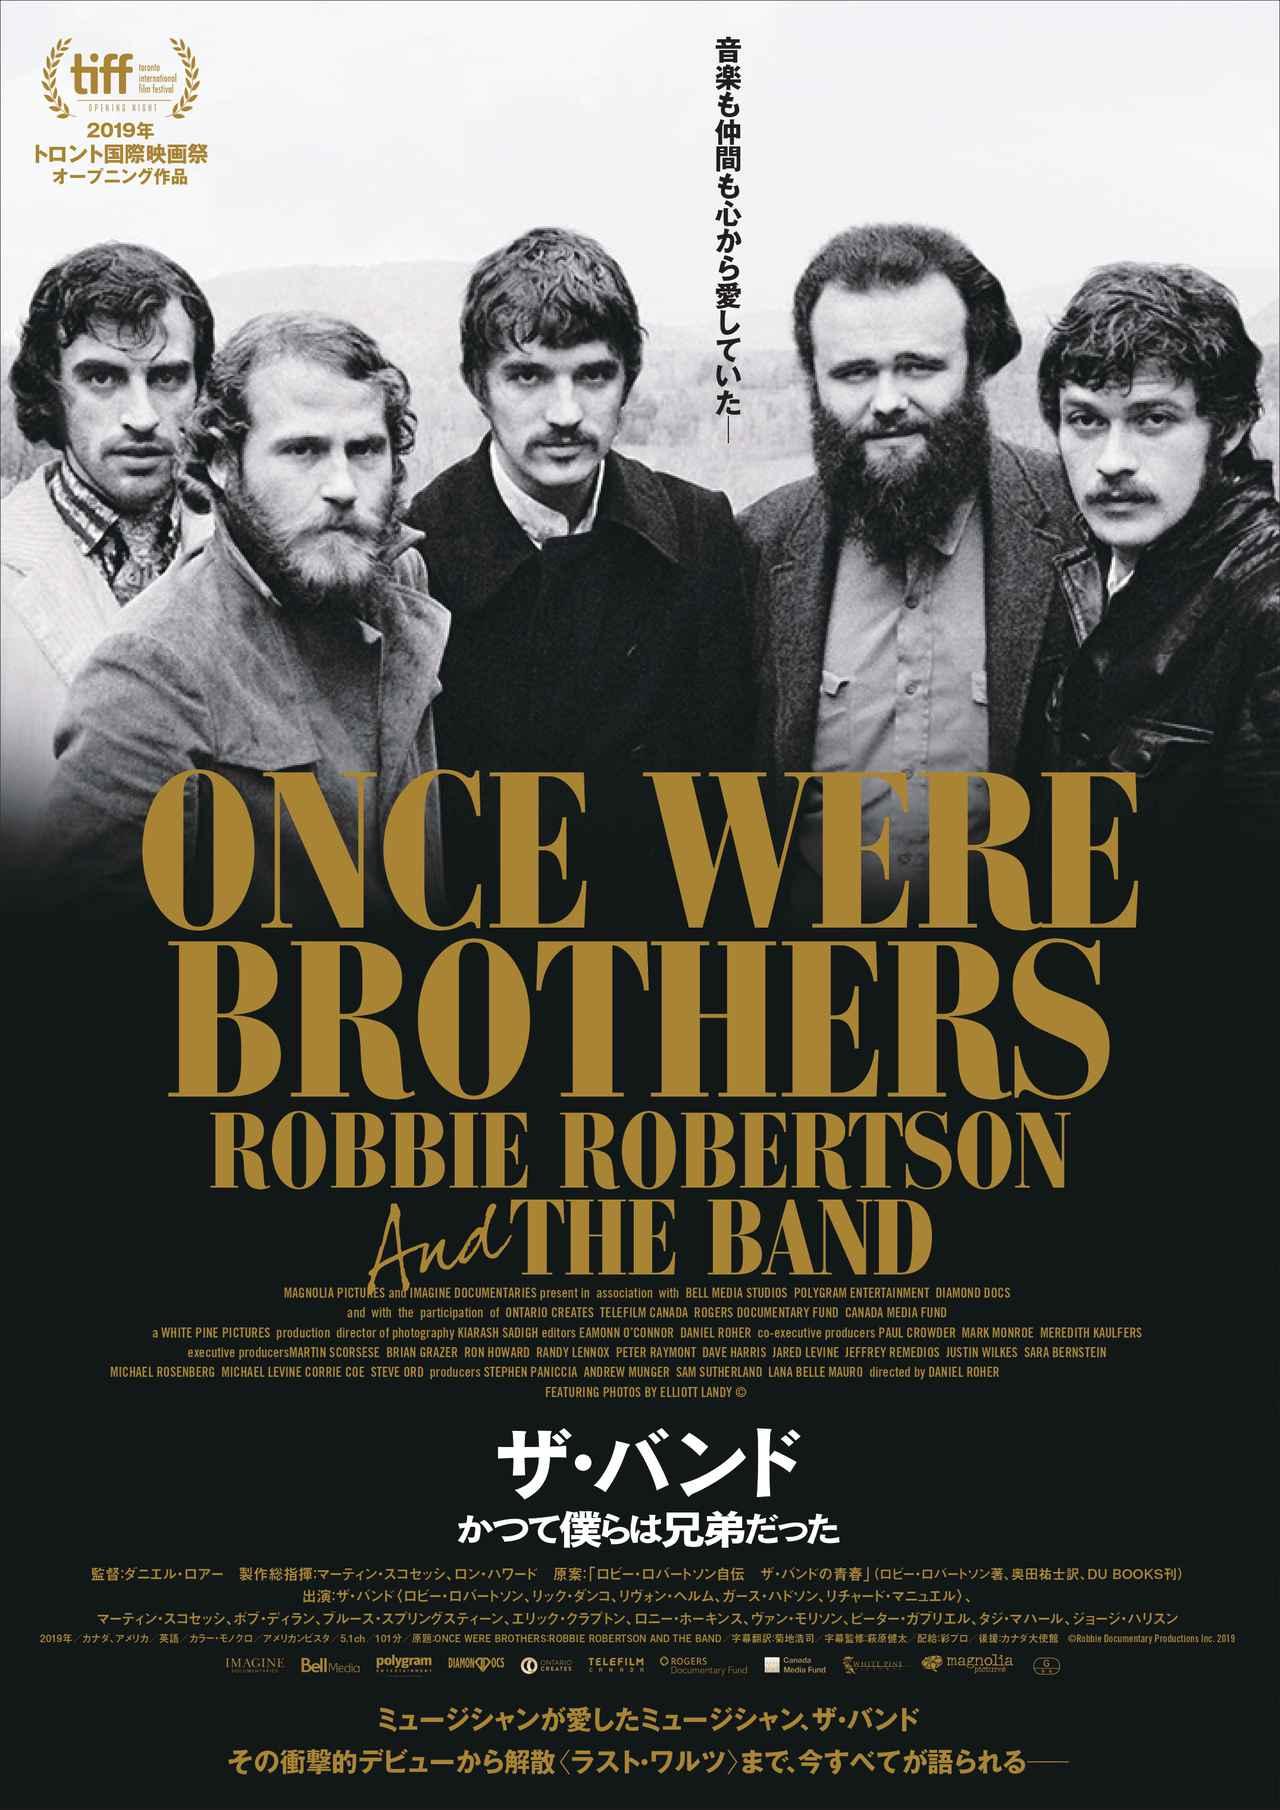 画像: ボブ・ディランとのツアー時の未公開画像が解禁!『ザ・バンド かつて僕らは兄弟だった』&『ラスト・ワルツ 公開40周年記念版』の日本最終上映も!